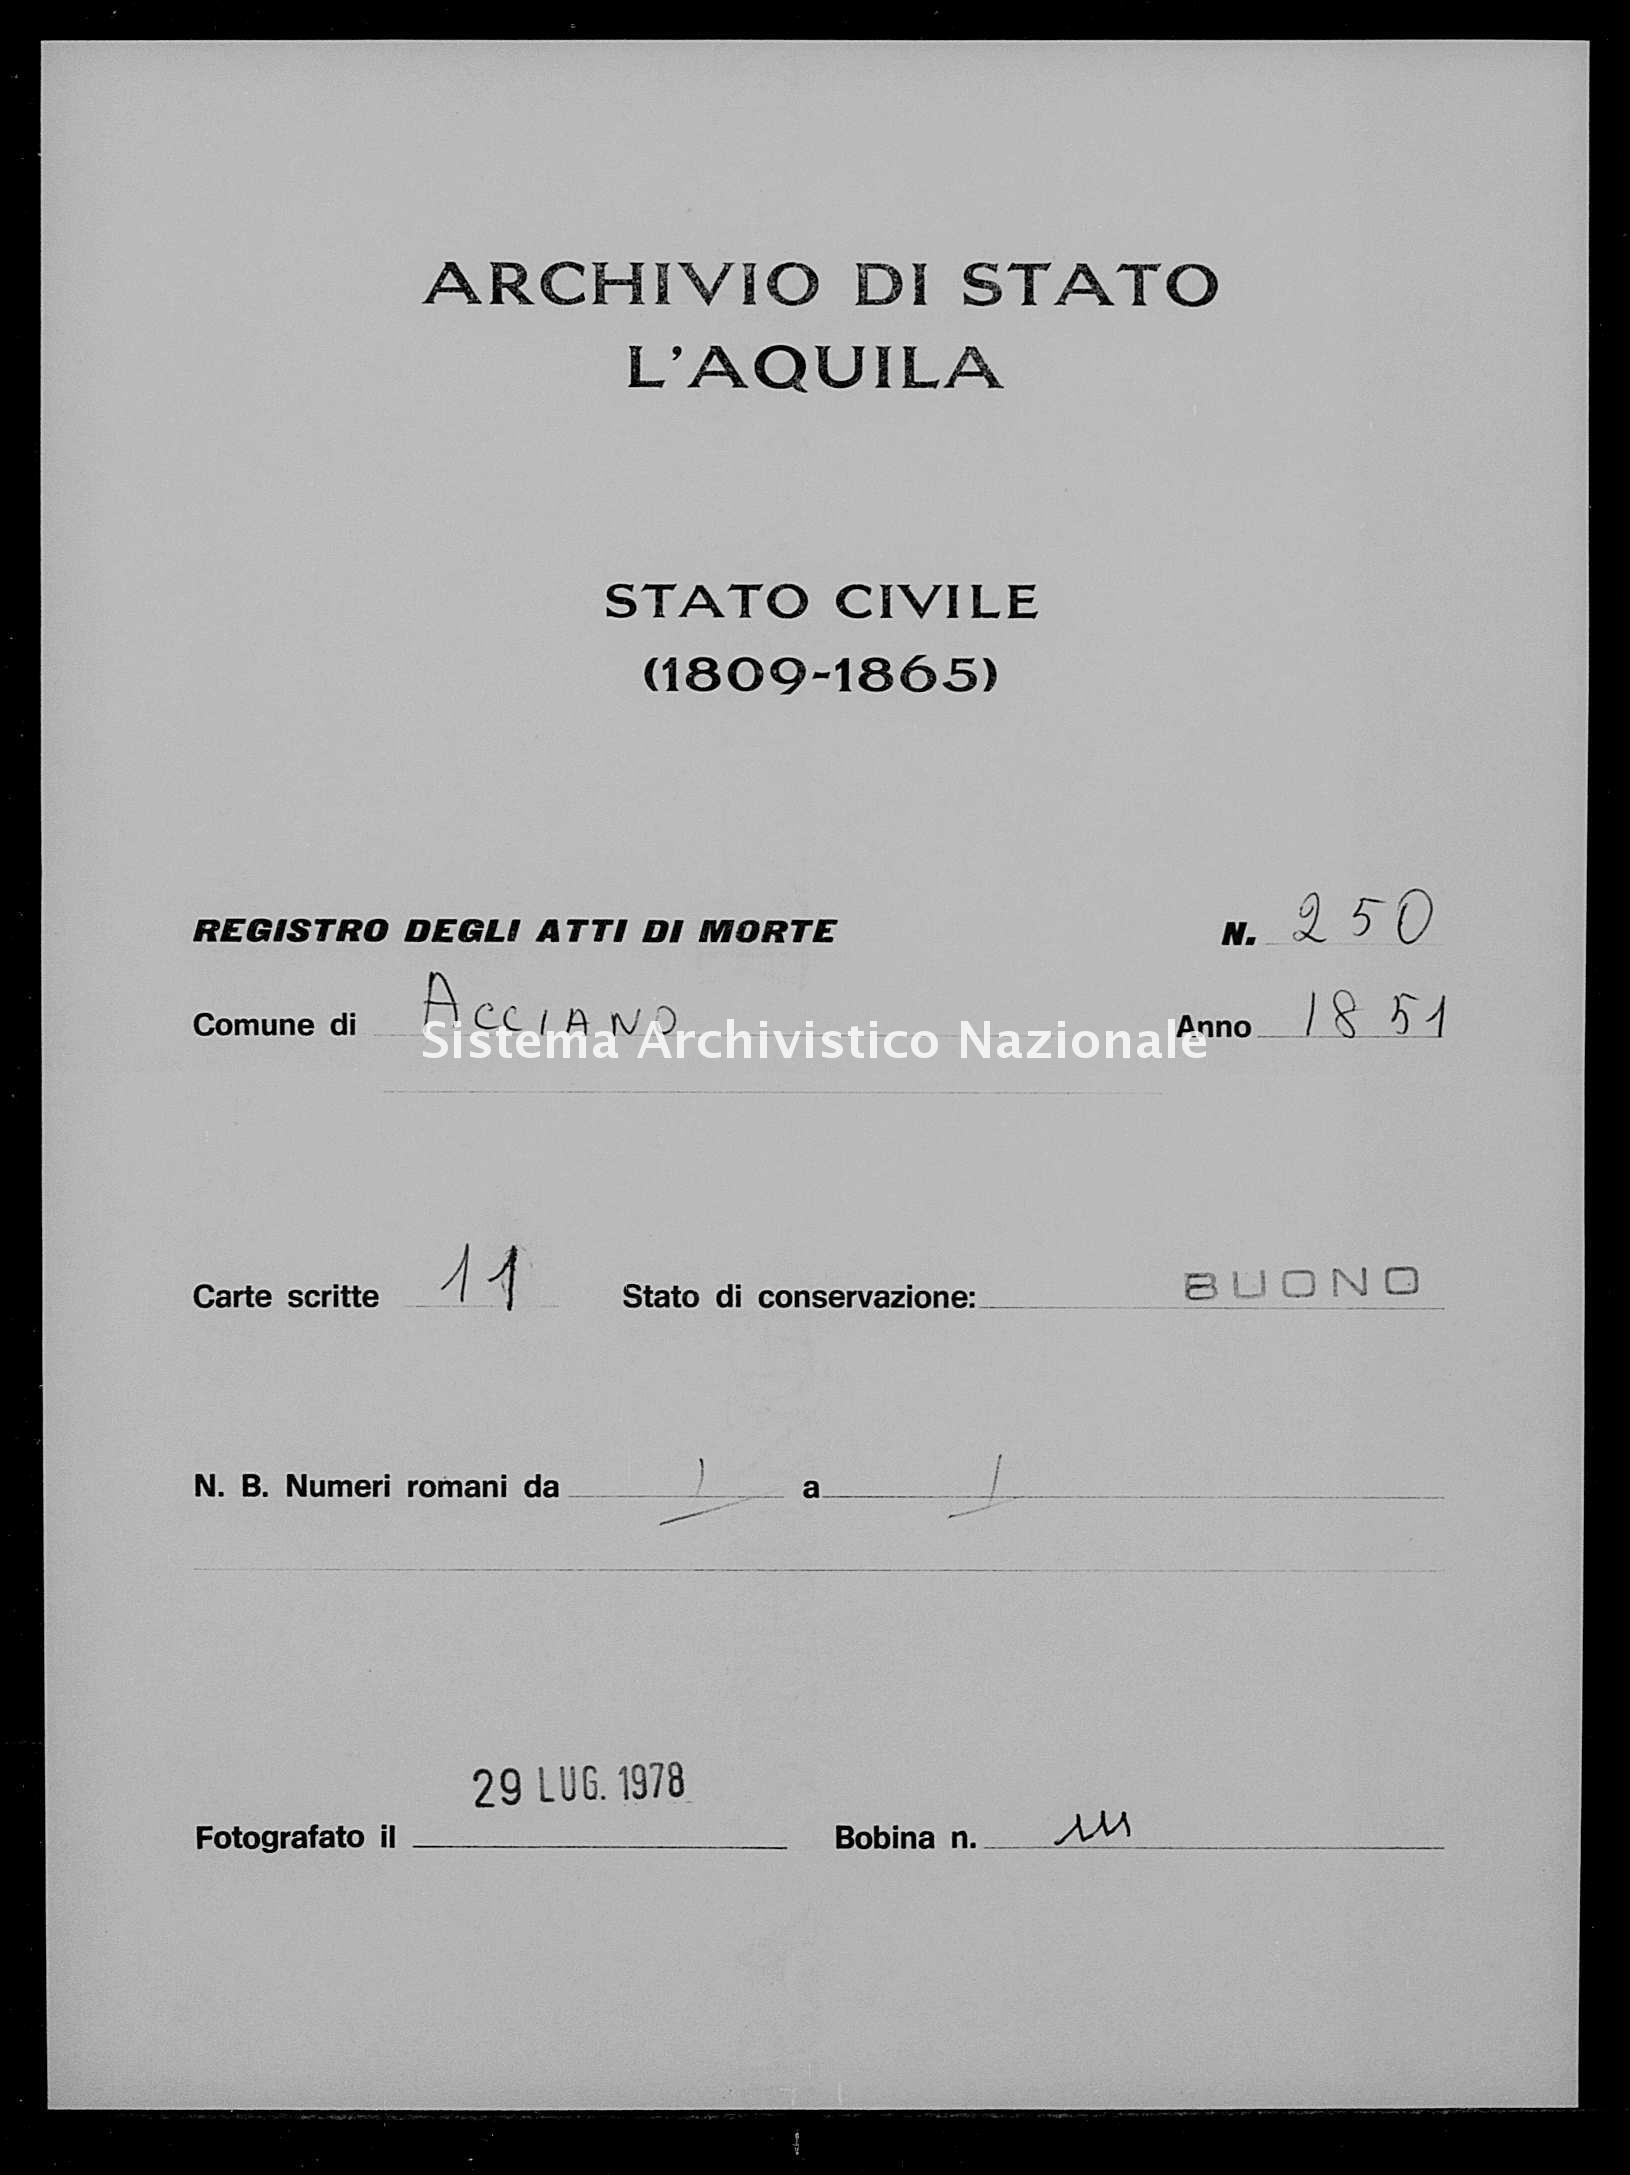 Archivio di stato di L'aquila - Stato civile della restaurazione - Acciano - Morti - 1851 - 250 -